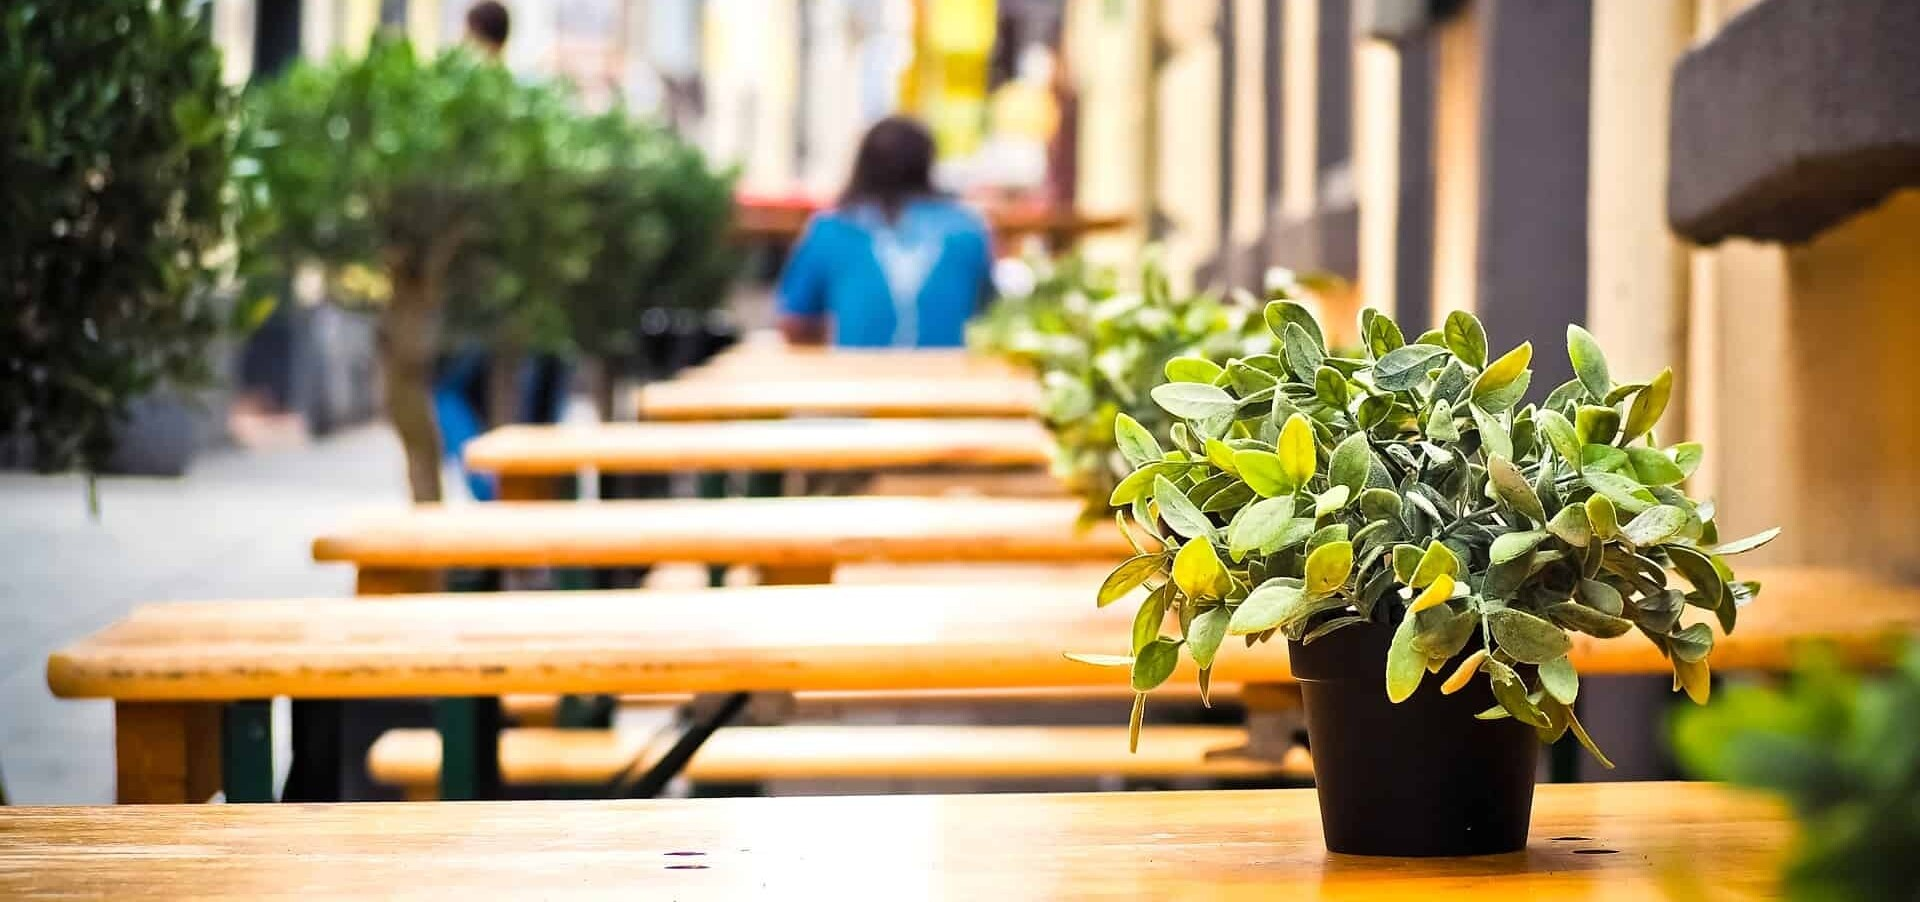 Immagine raffigurante tavolini all'esterno di un bar, sul suolo pubblico